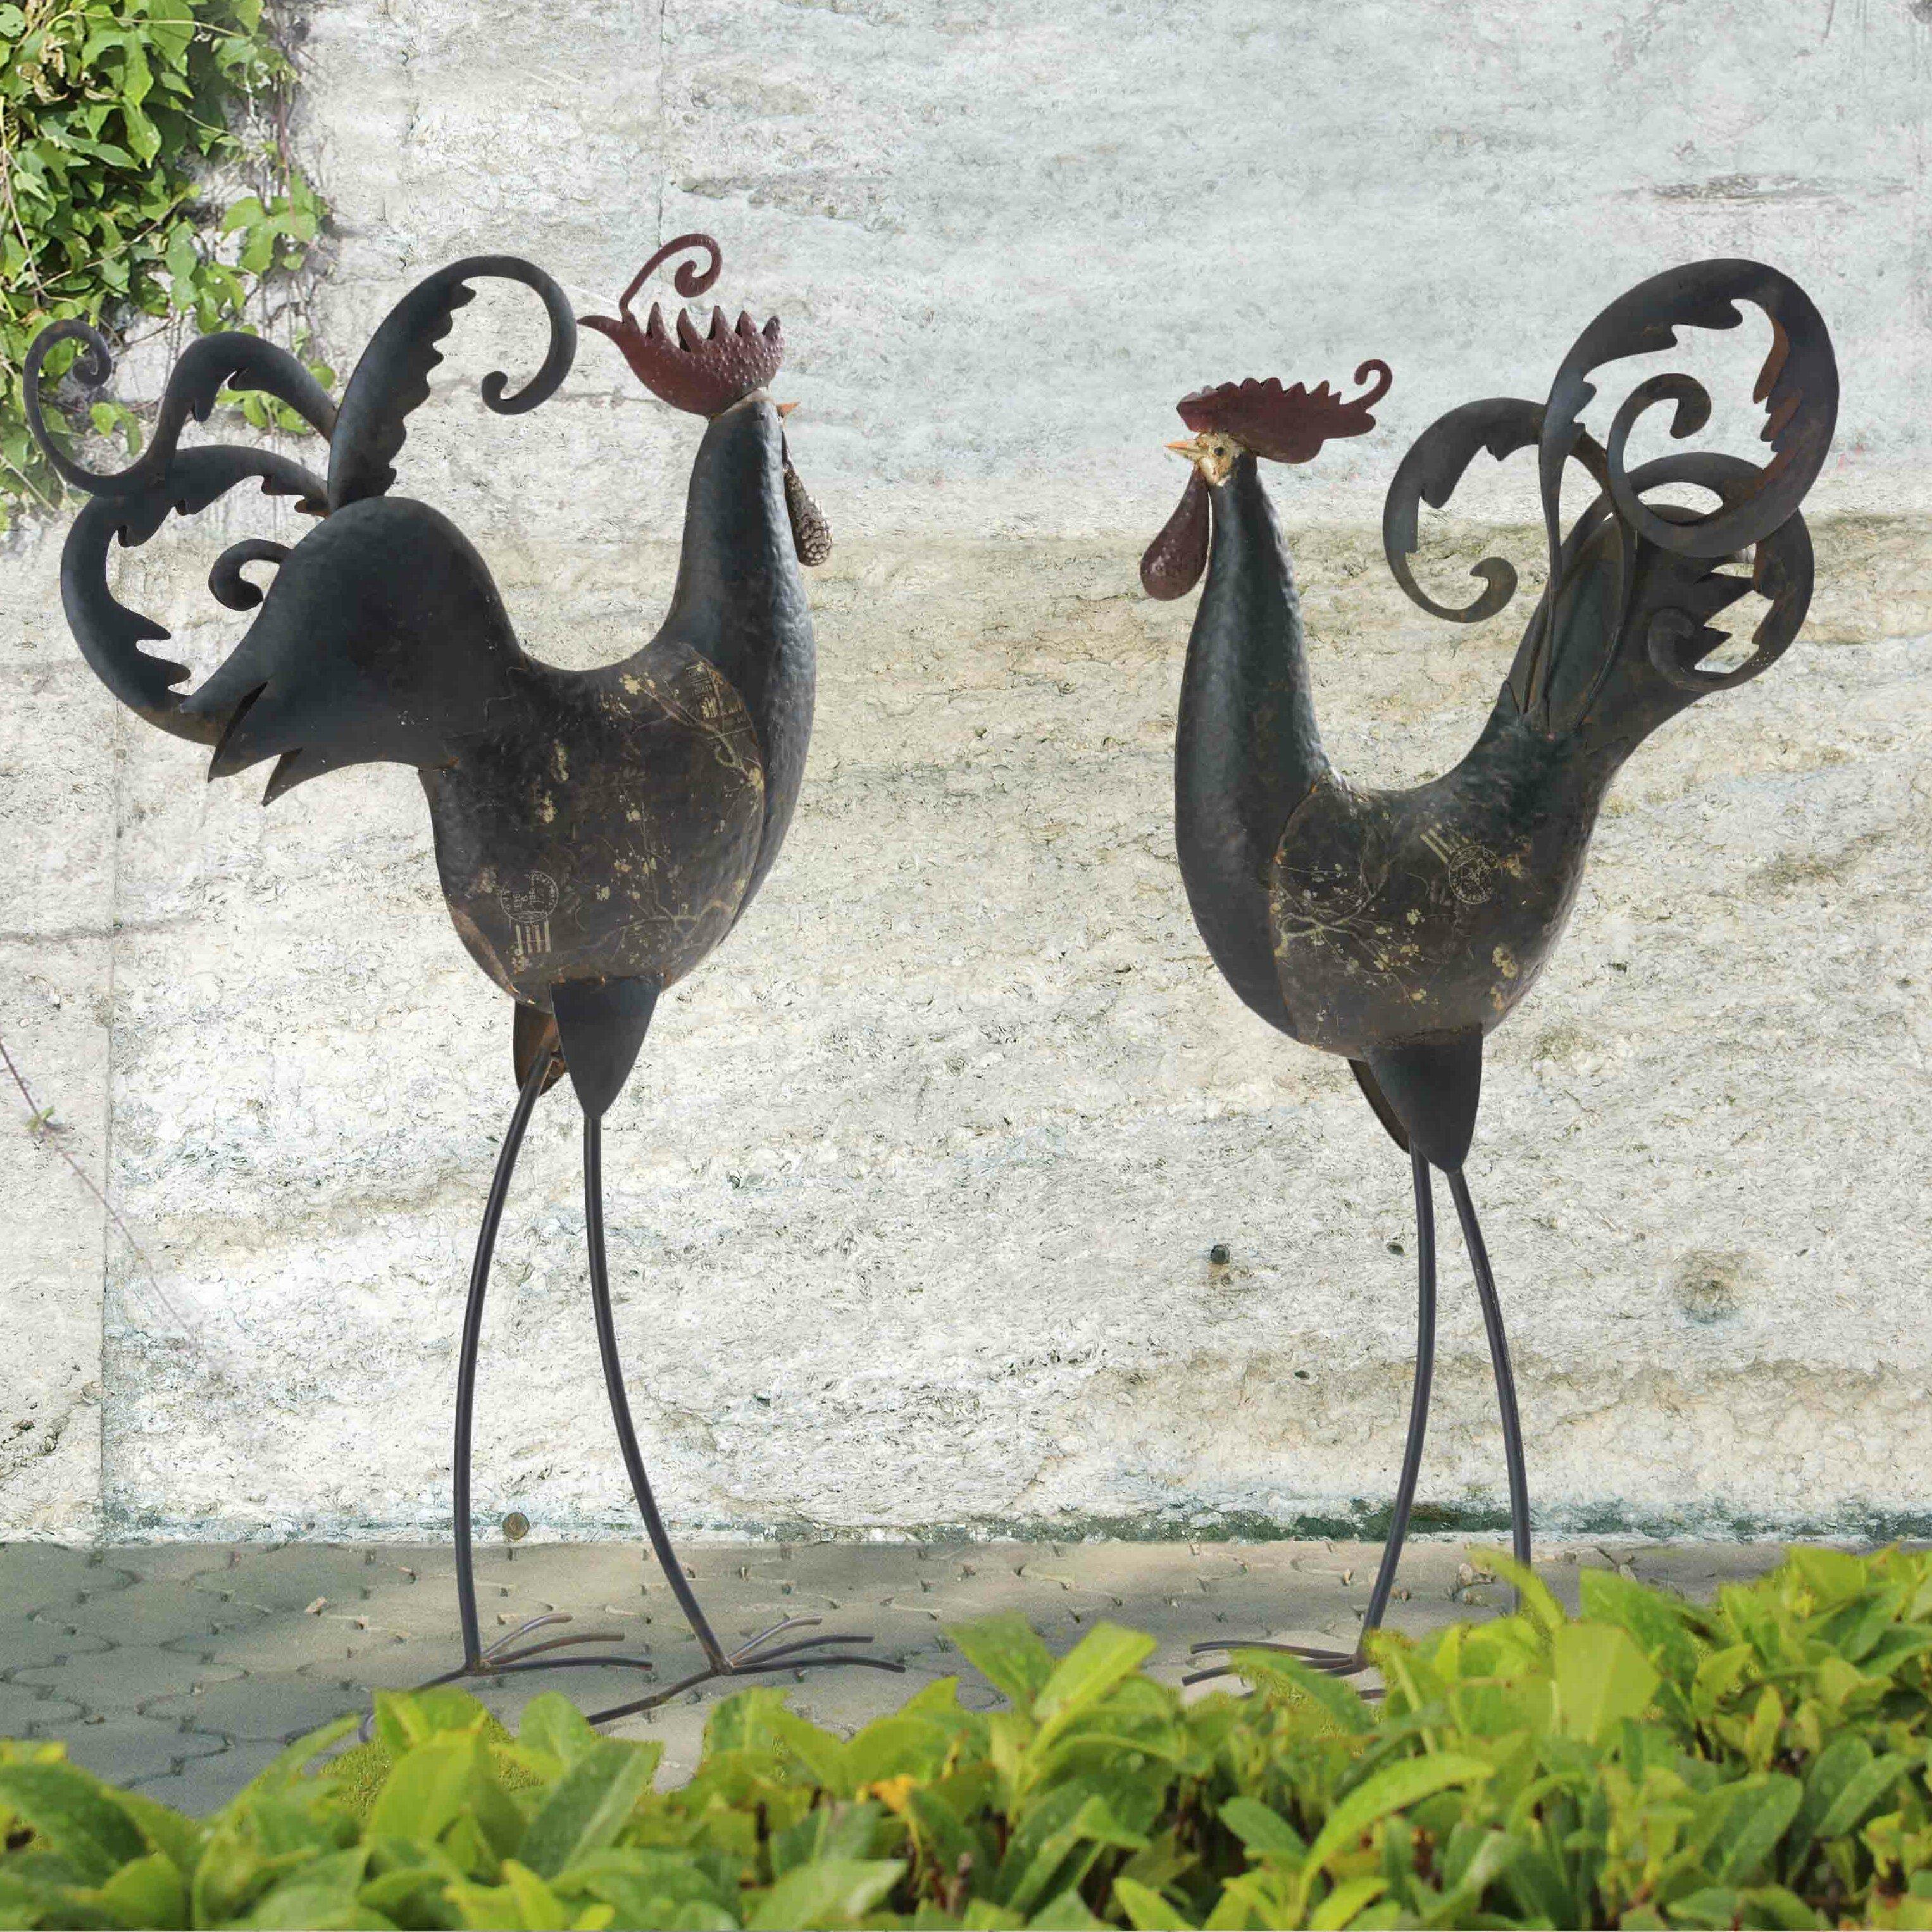 Sunjoy 2 Piece Tall Rooster and Hen Garden Statue Set   Wayfair